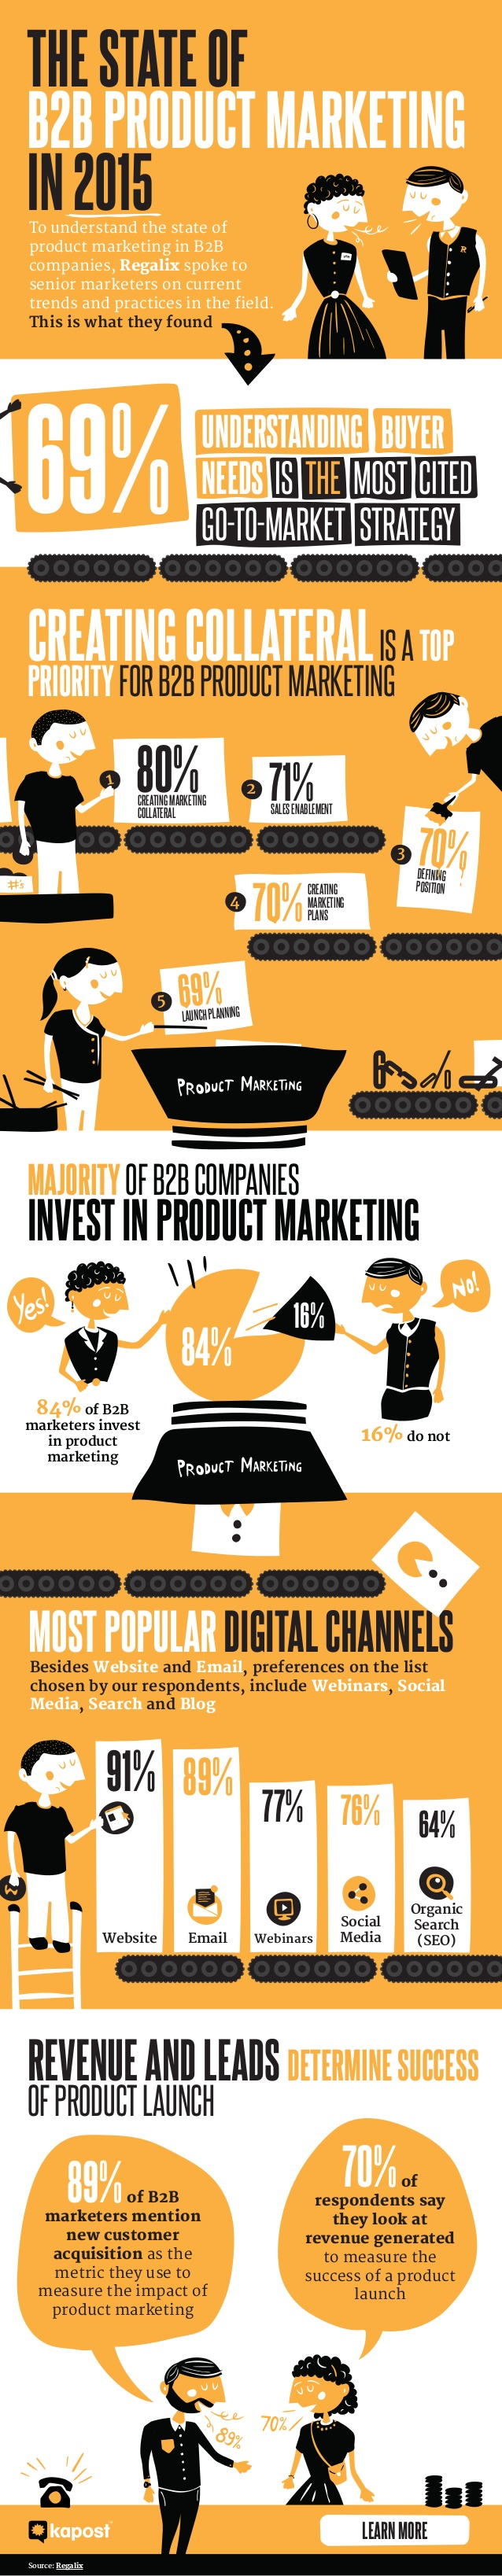 Estado del marketing de producto B2B en 2015